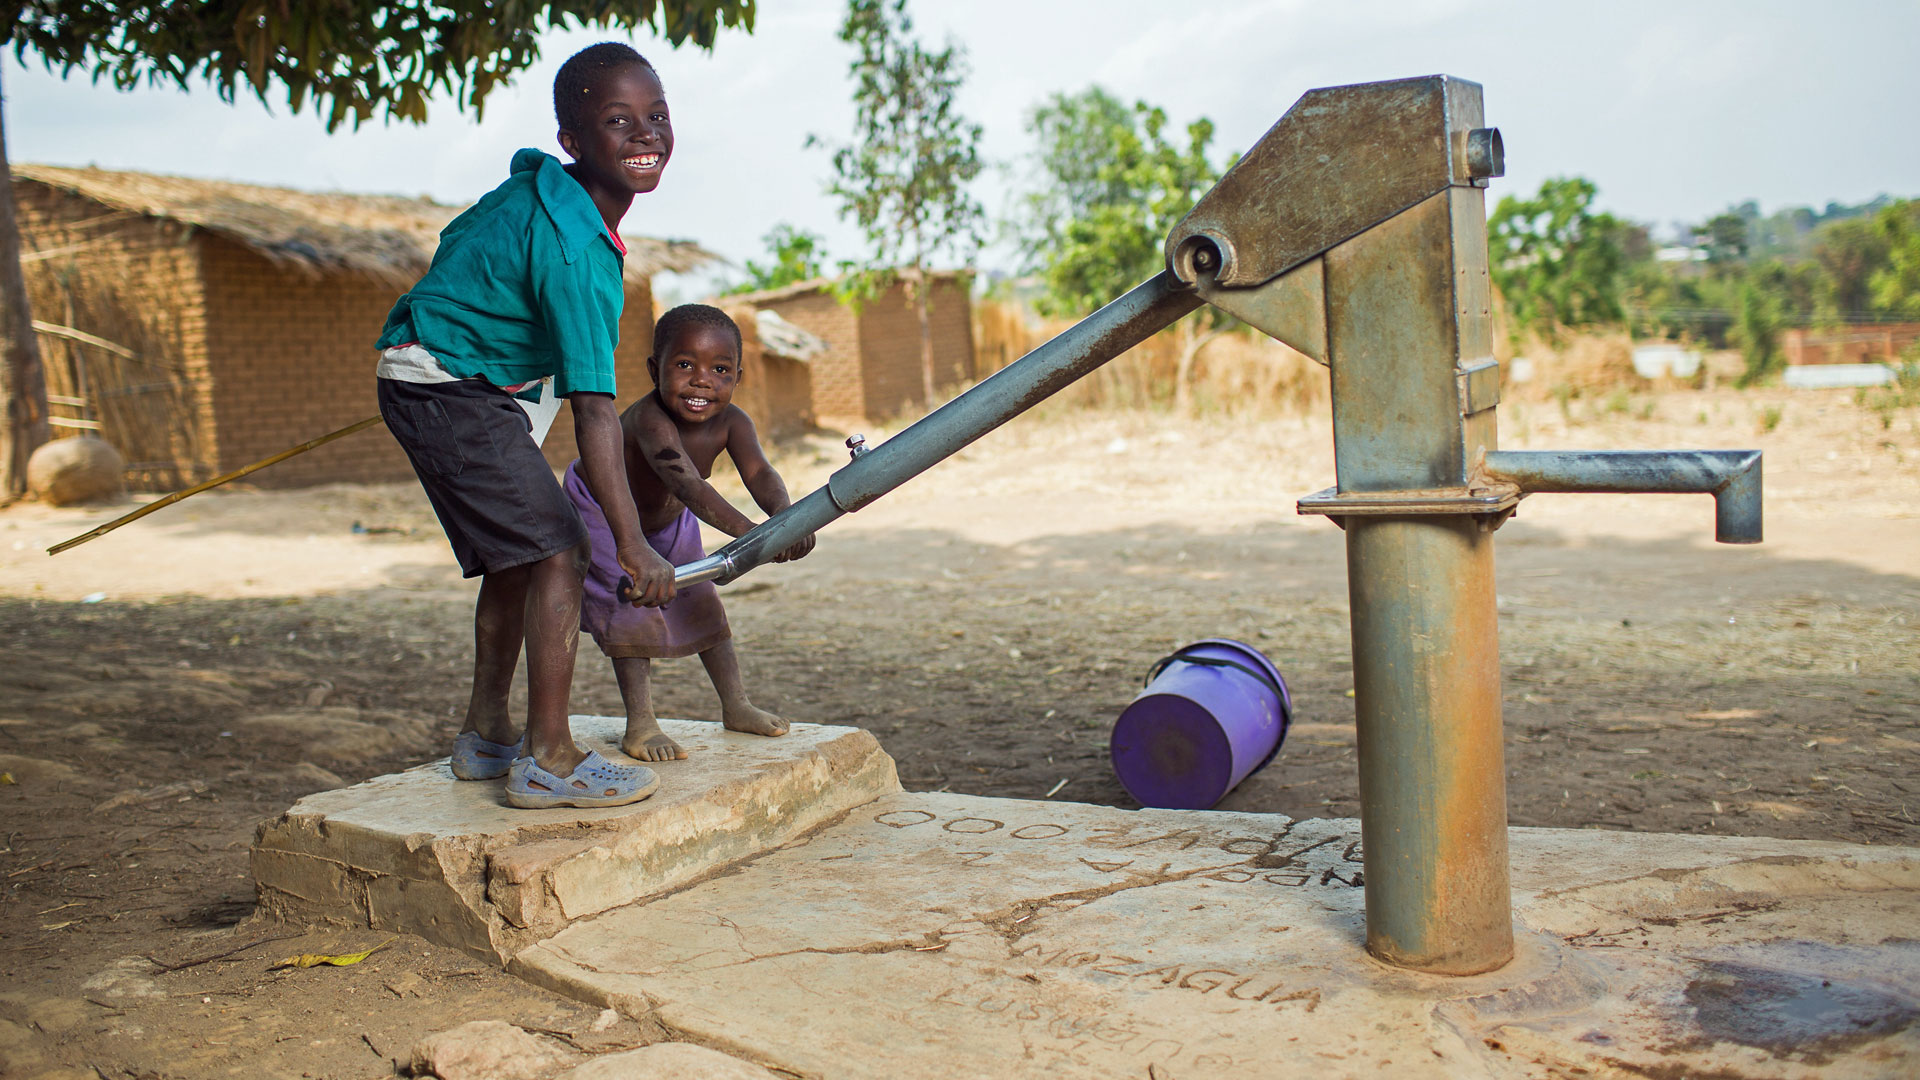 In einem Dorf nahe Bilira (Malawi) spielen zwei Kinder mit der Wasserpumpe eines Brunnens.